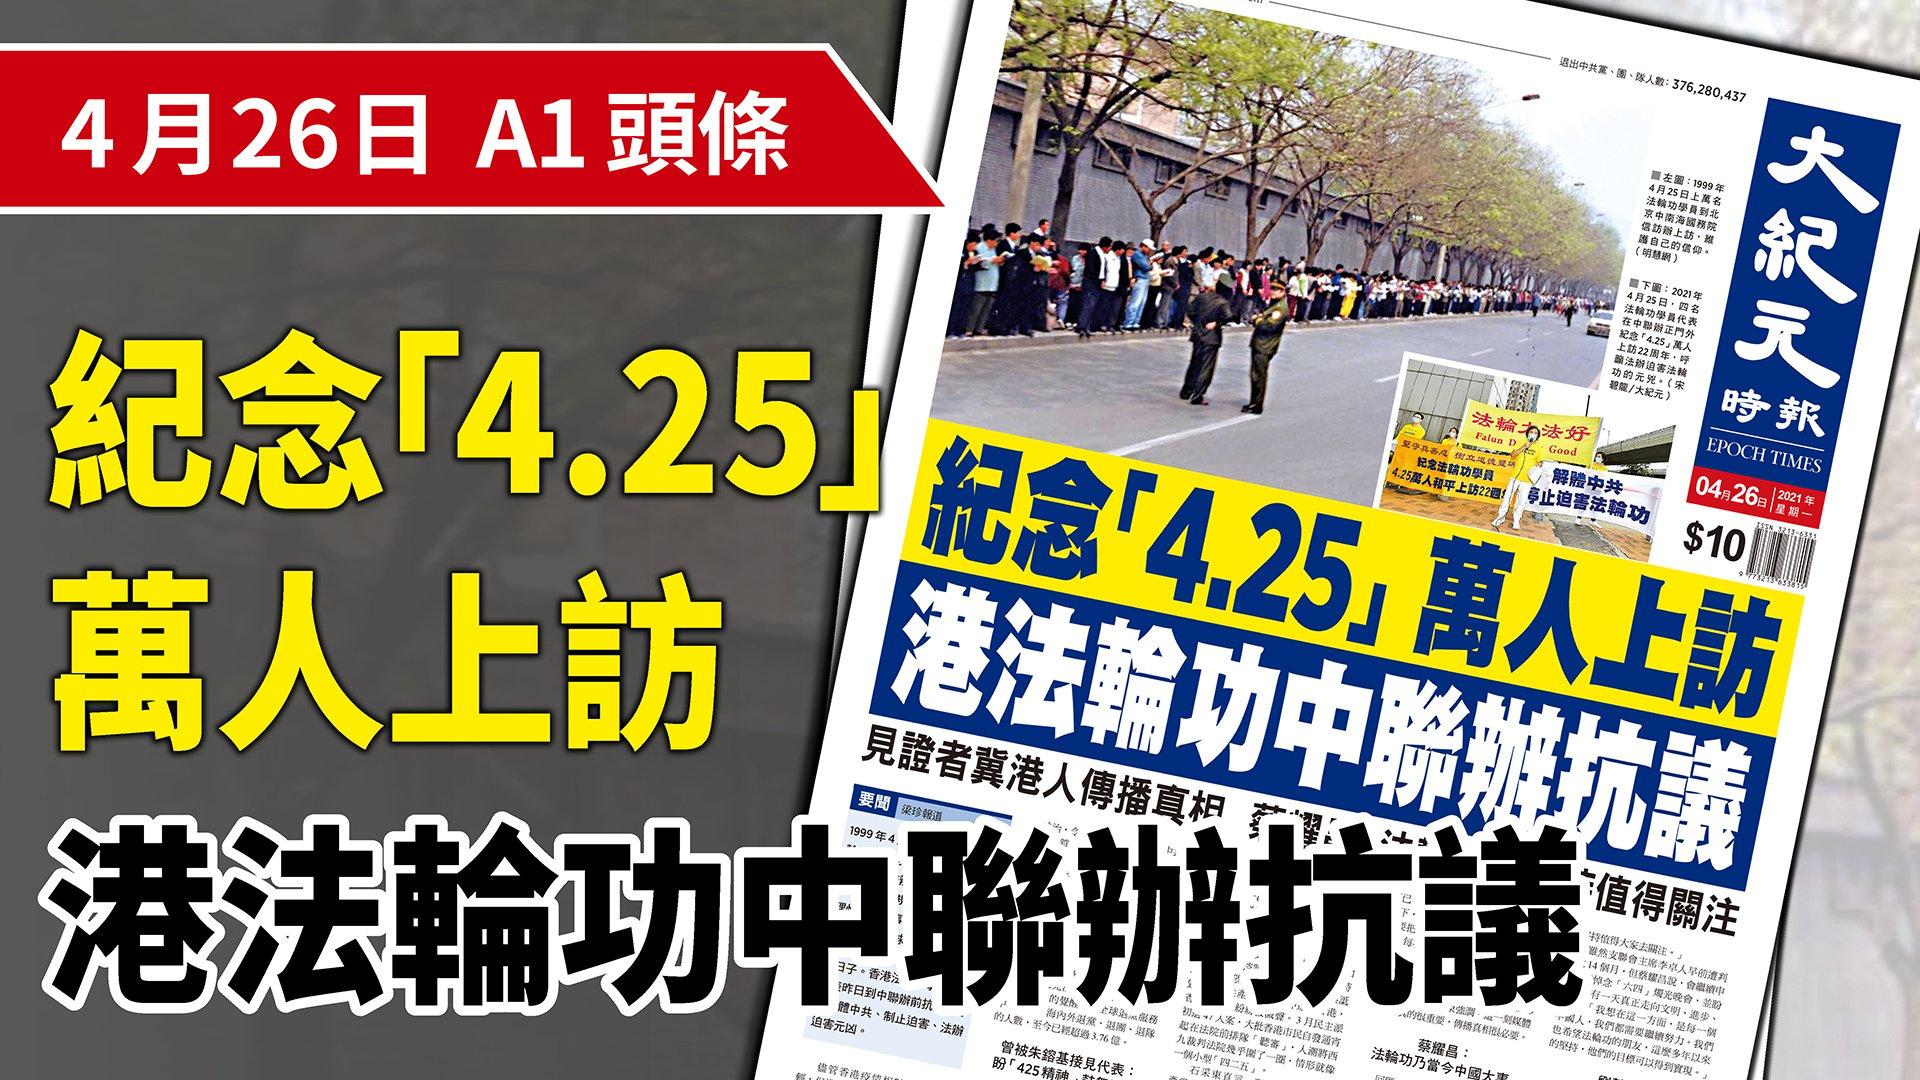 昨(4月25日)是「4.25」事件的22周年,香港法輪功學員部份代表到中聯辦前抗議,呼籲解體中共、制止迫害、法辦迫害元凶。(大紀元製圖)